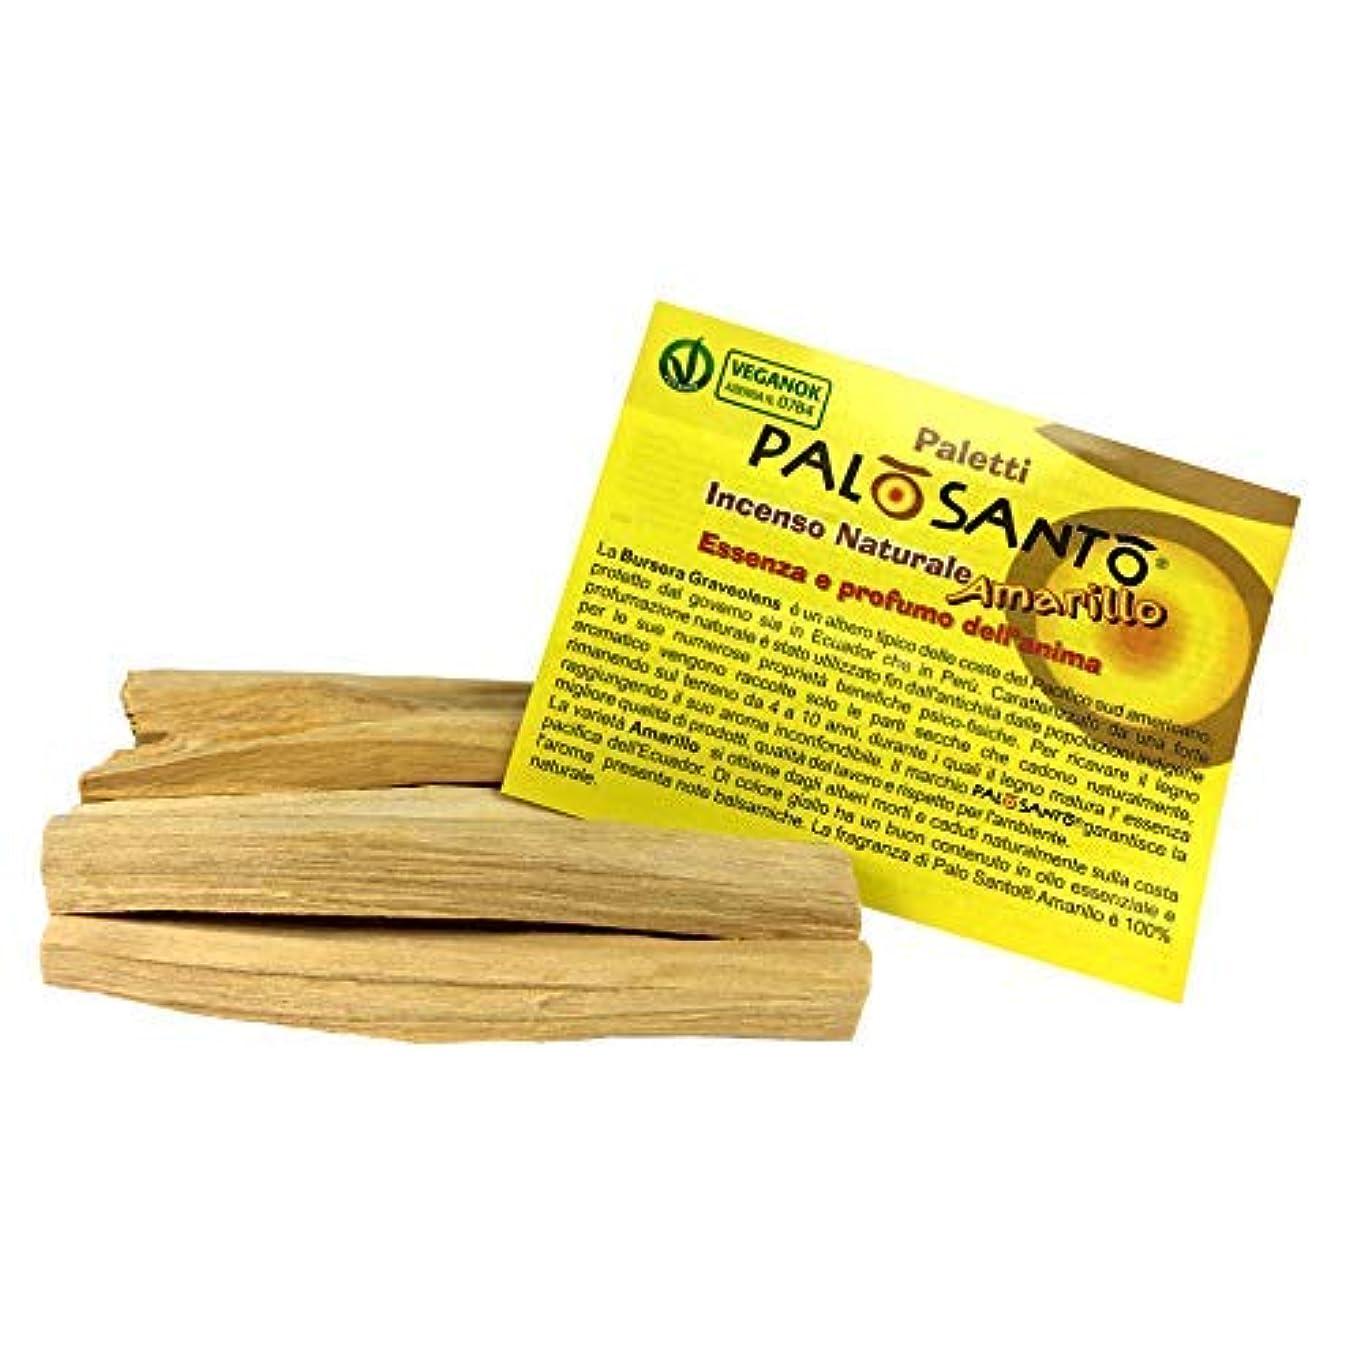 準備する誇張するジョガーPalo Santo Sticks Amarillo - 天然香スティック - 瞑想、リラックス、不安、ヨガの香 - オリジナルBursera Graveolens聖ポールシャーマニック品質 - 12スティック